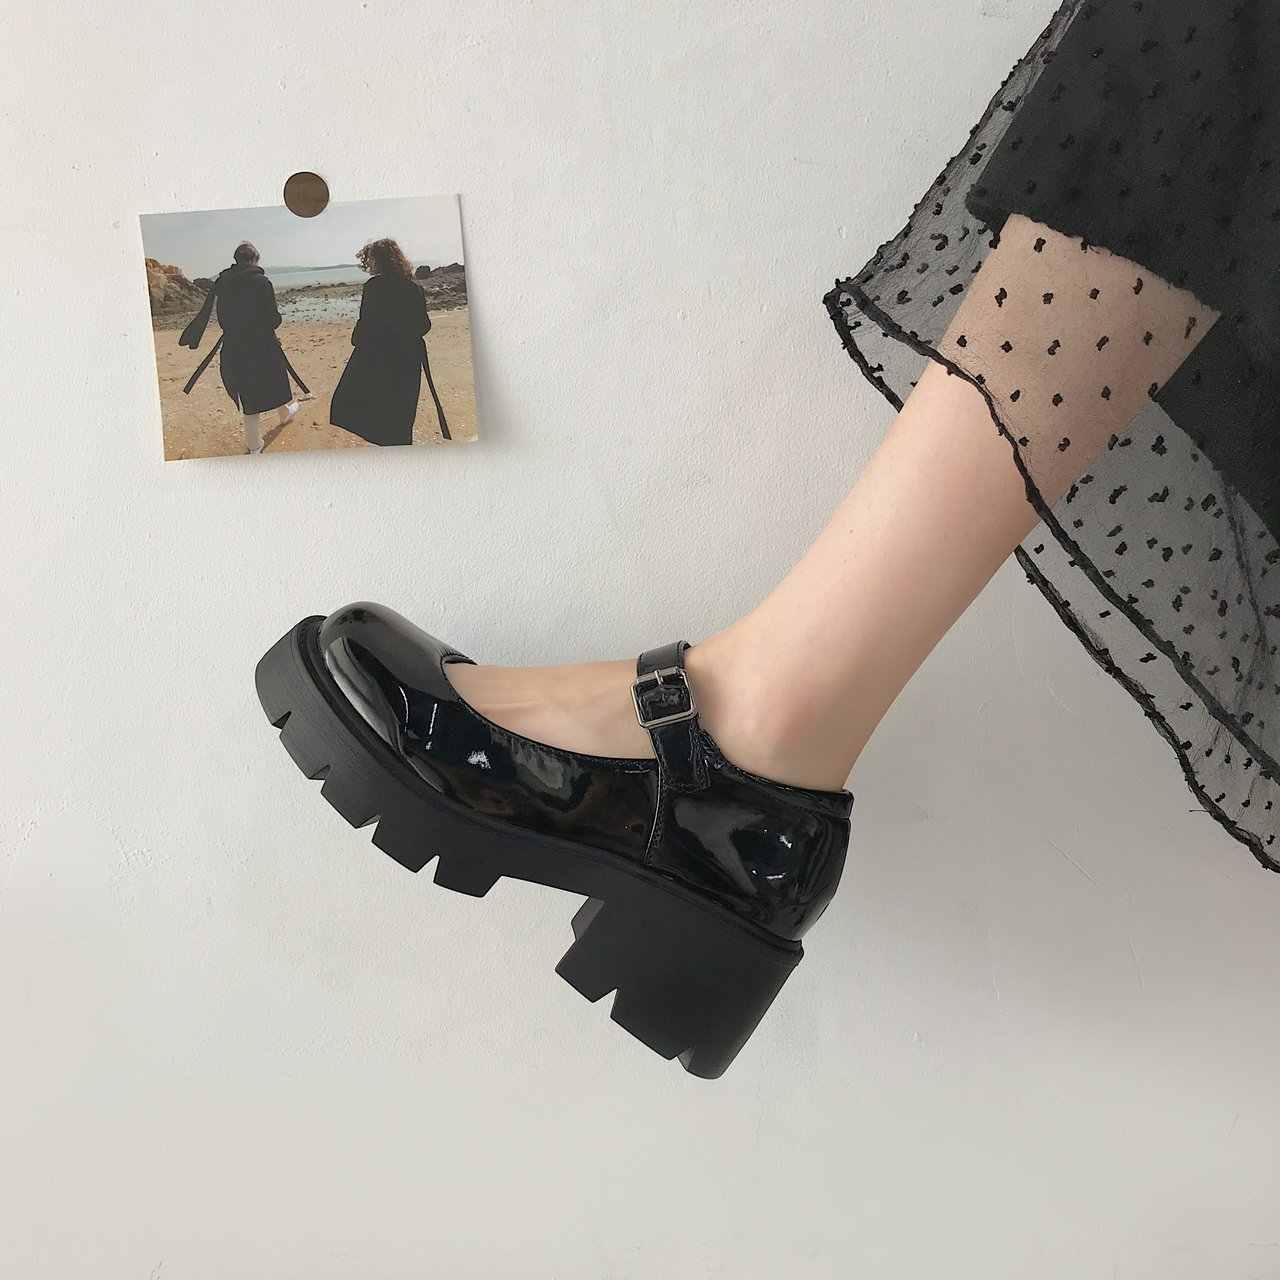 2020 Giày Cao Gót Giày Nữ Bơm Giày Đế Xuồng Thời Trang Mary Jane Giày Lolita Giày Da Phụ Nữ Mũi Tròn StudentMujer